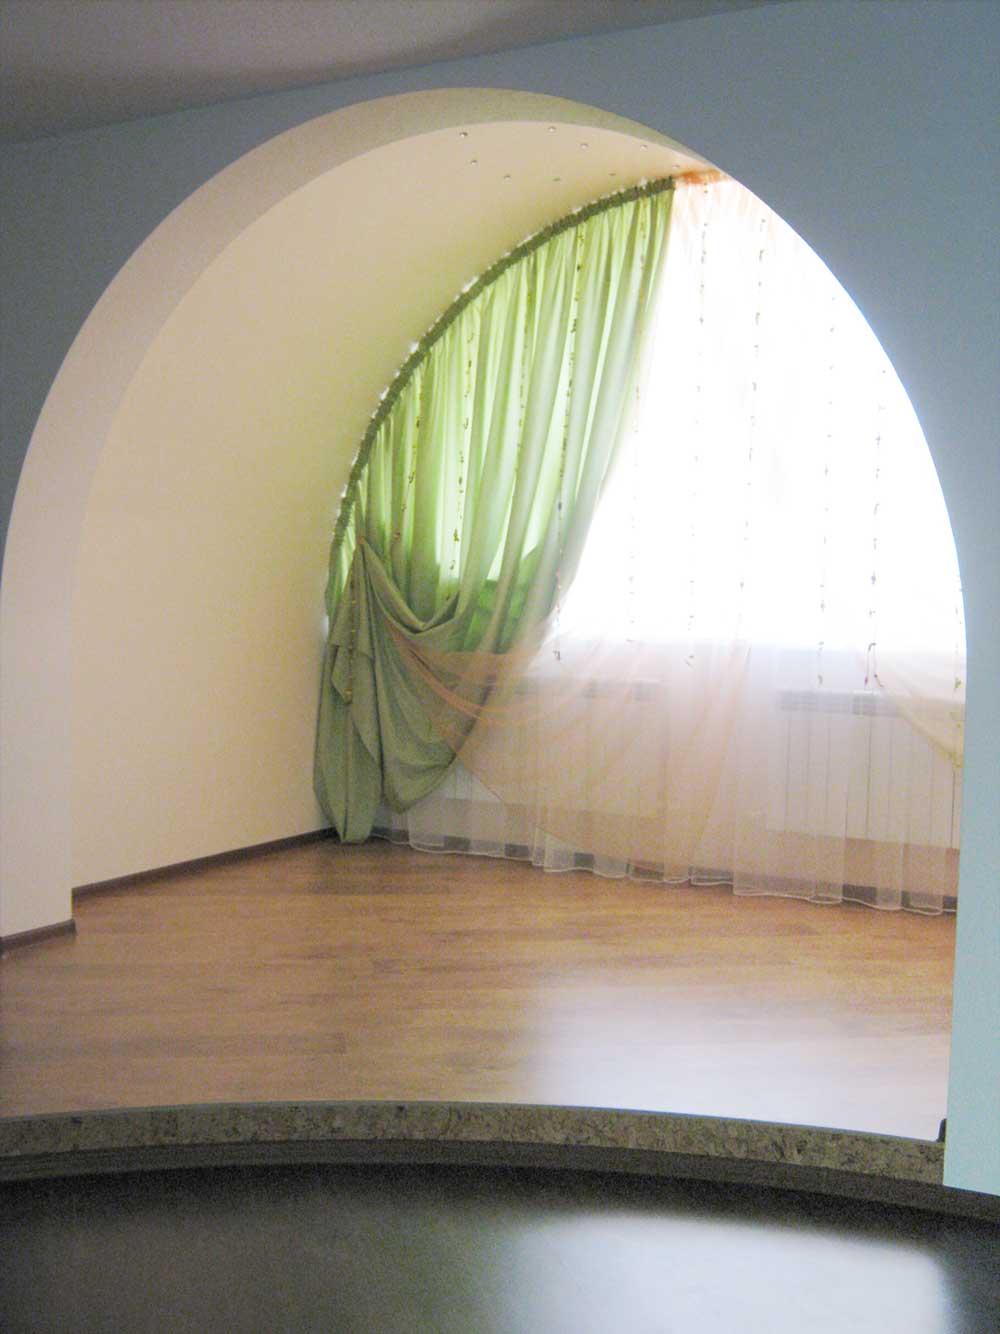 Шторы на гибком карнизе на арочное окно